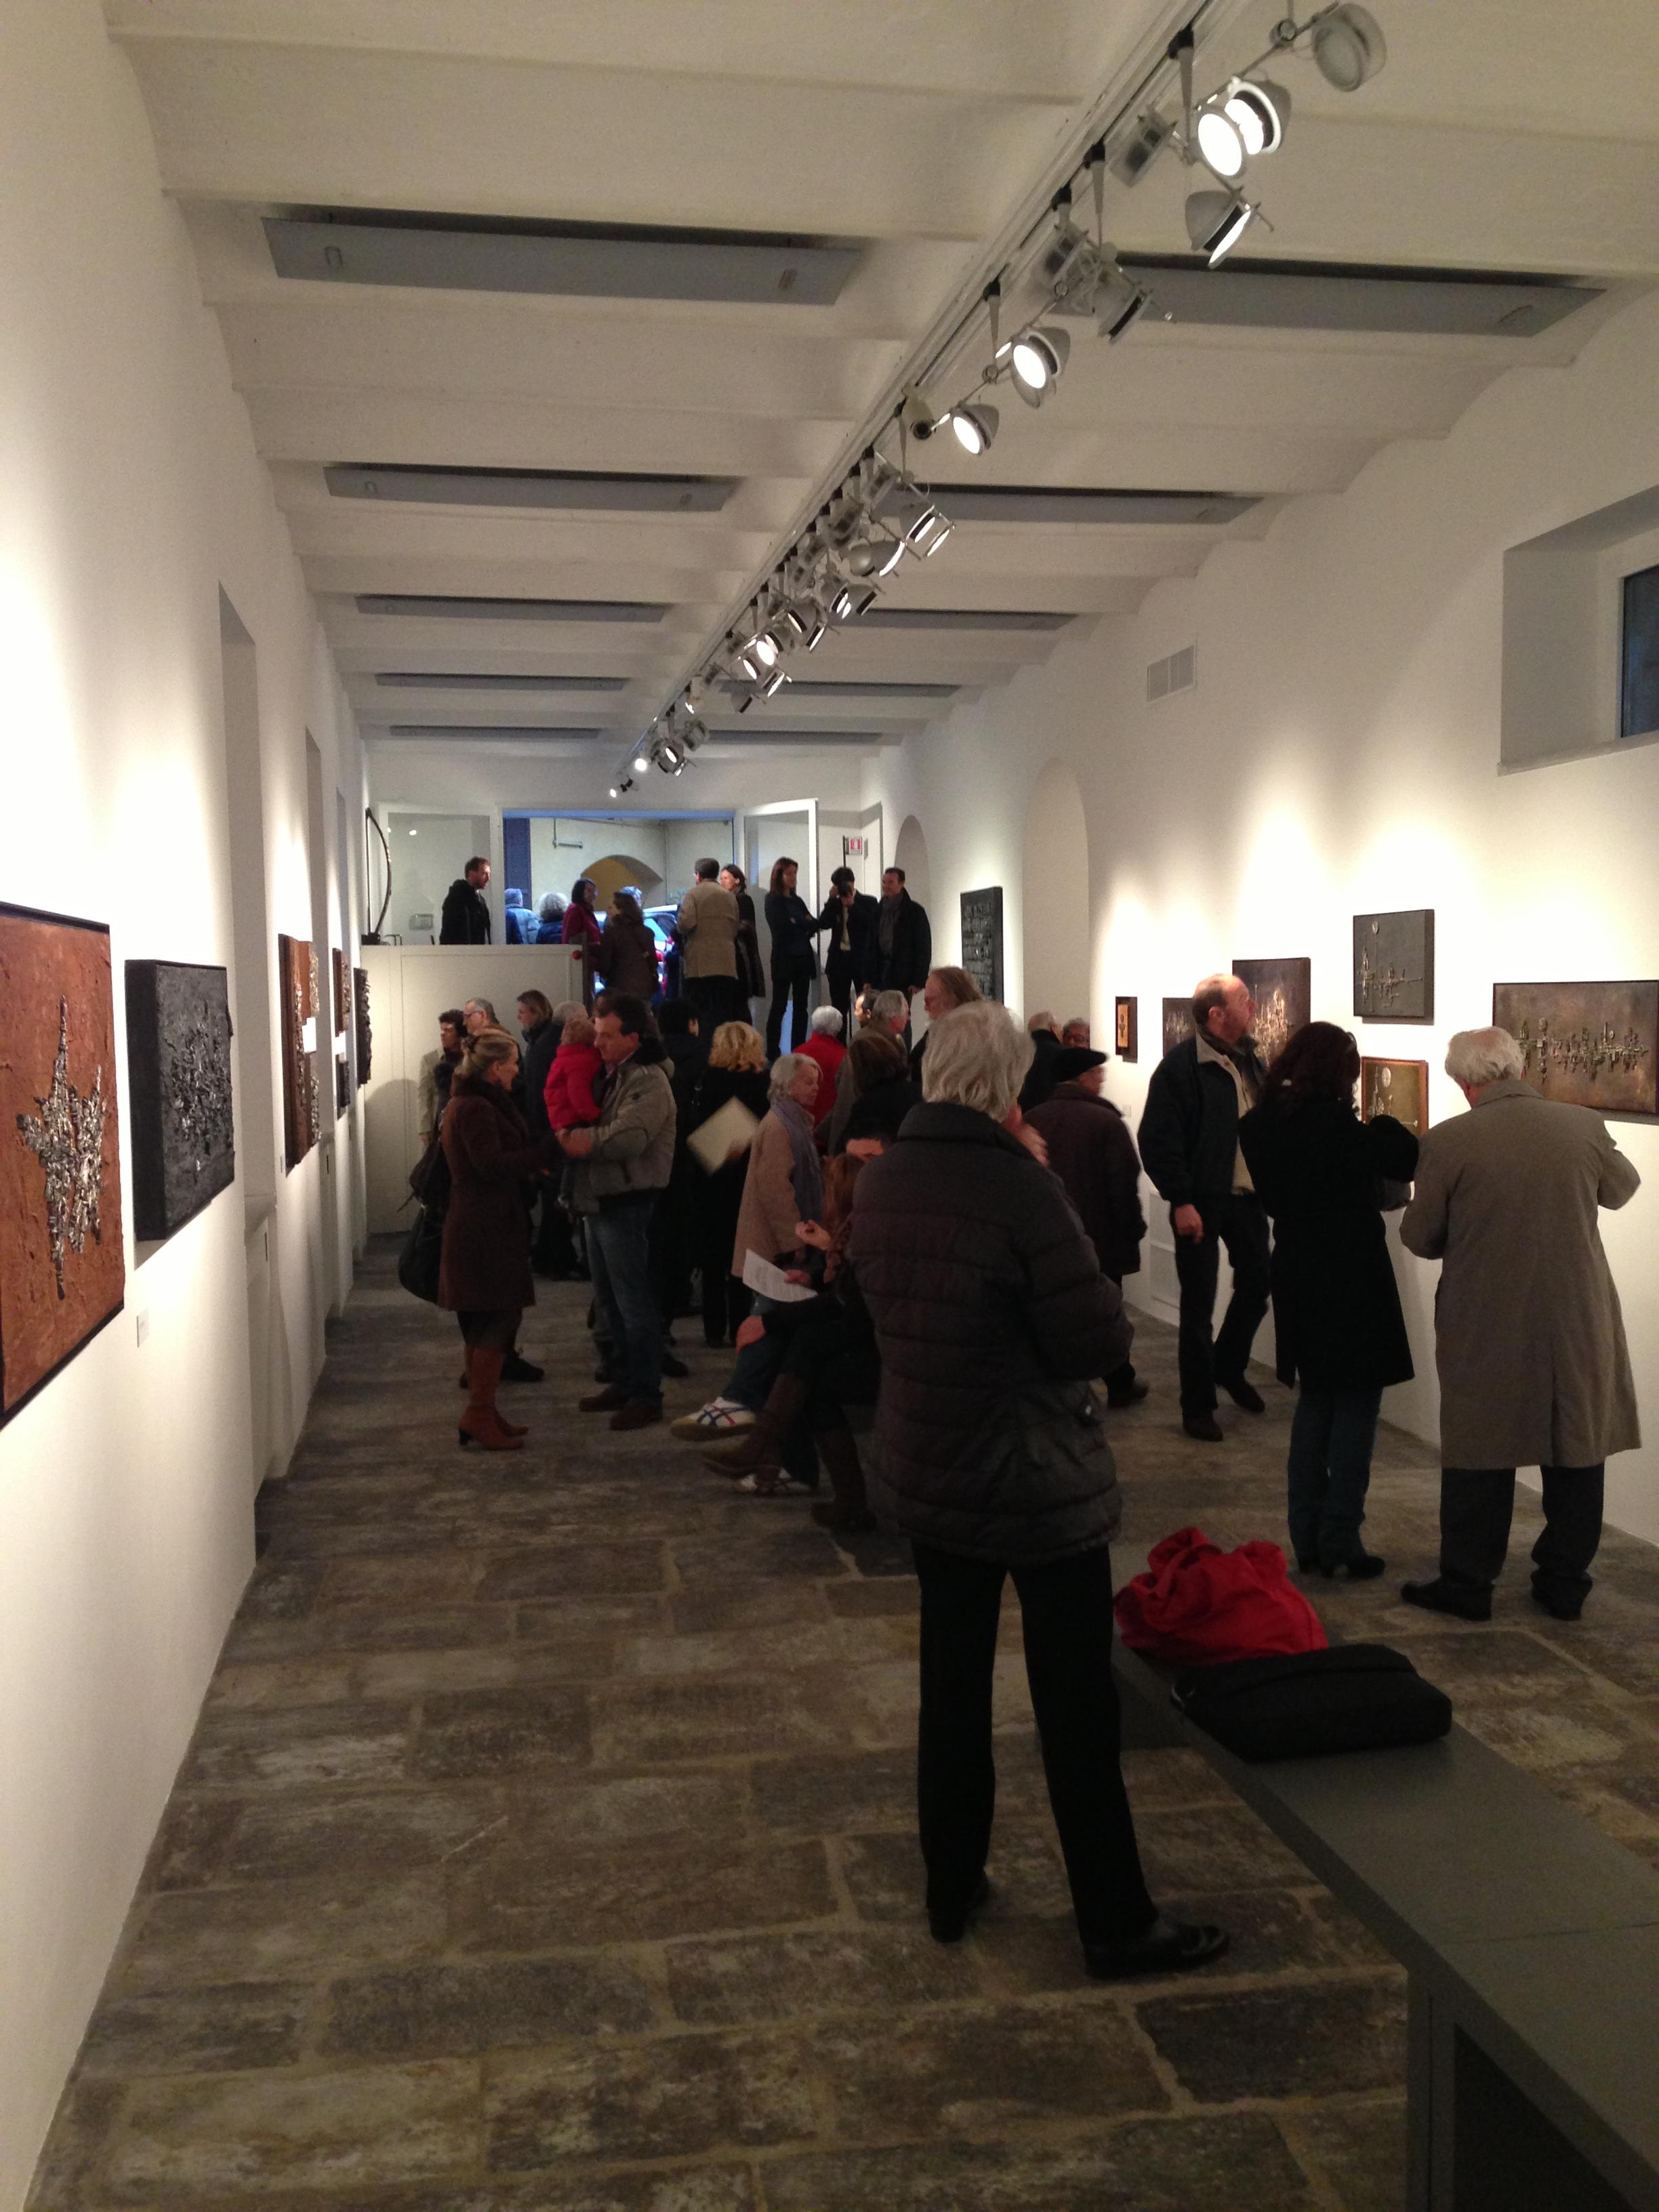 Fondazione Arnaldo Pomodoro, Milano - veduta della serara di inaugurazione, martedì 9 aprile 2013